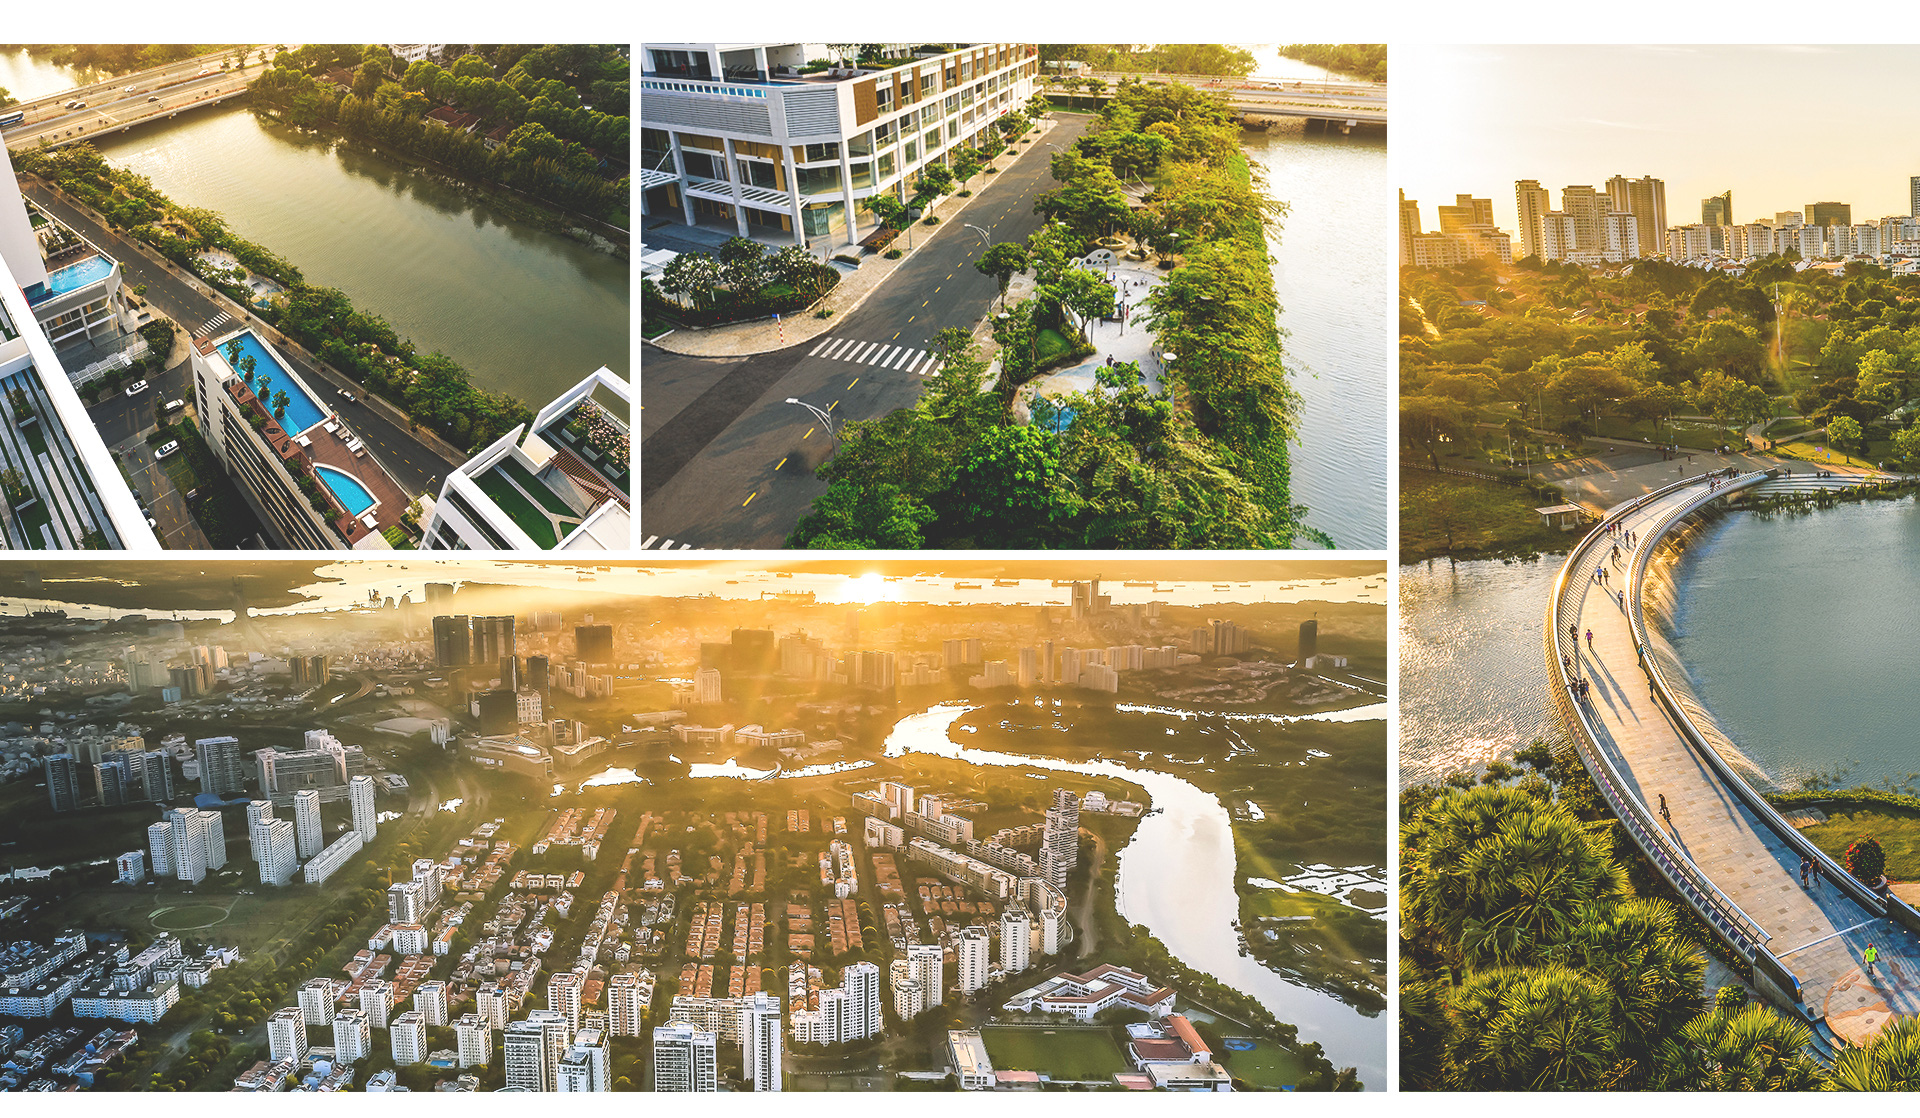 Bất động sản TPHCM: Sôi động nhiều nơi, nhưng Phú Mỹ Hưng mới có nhiều cơ hội - Ảnh 4.